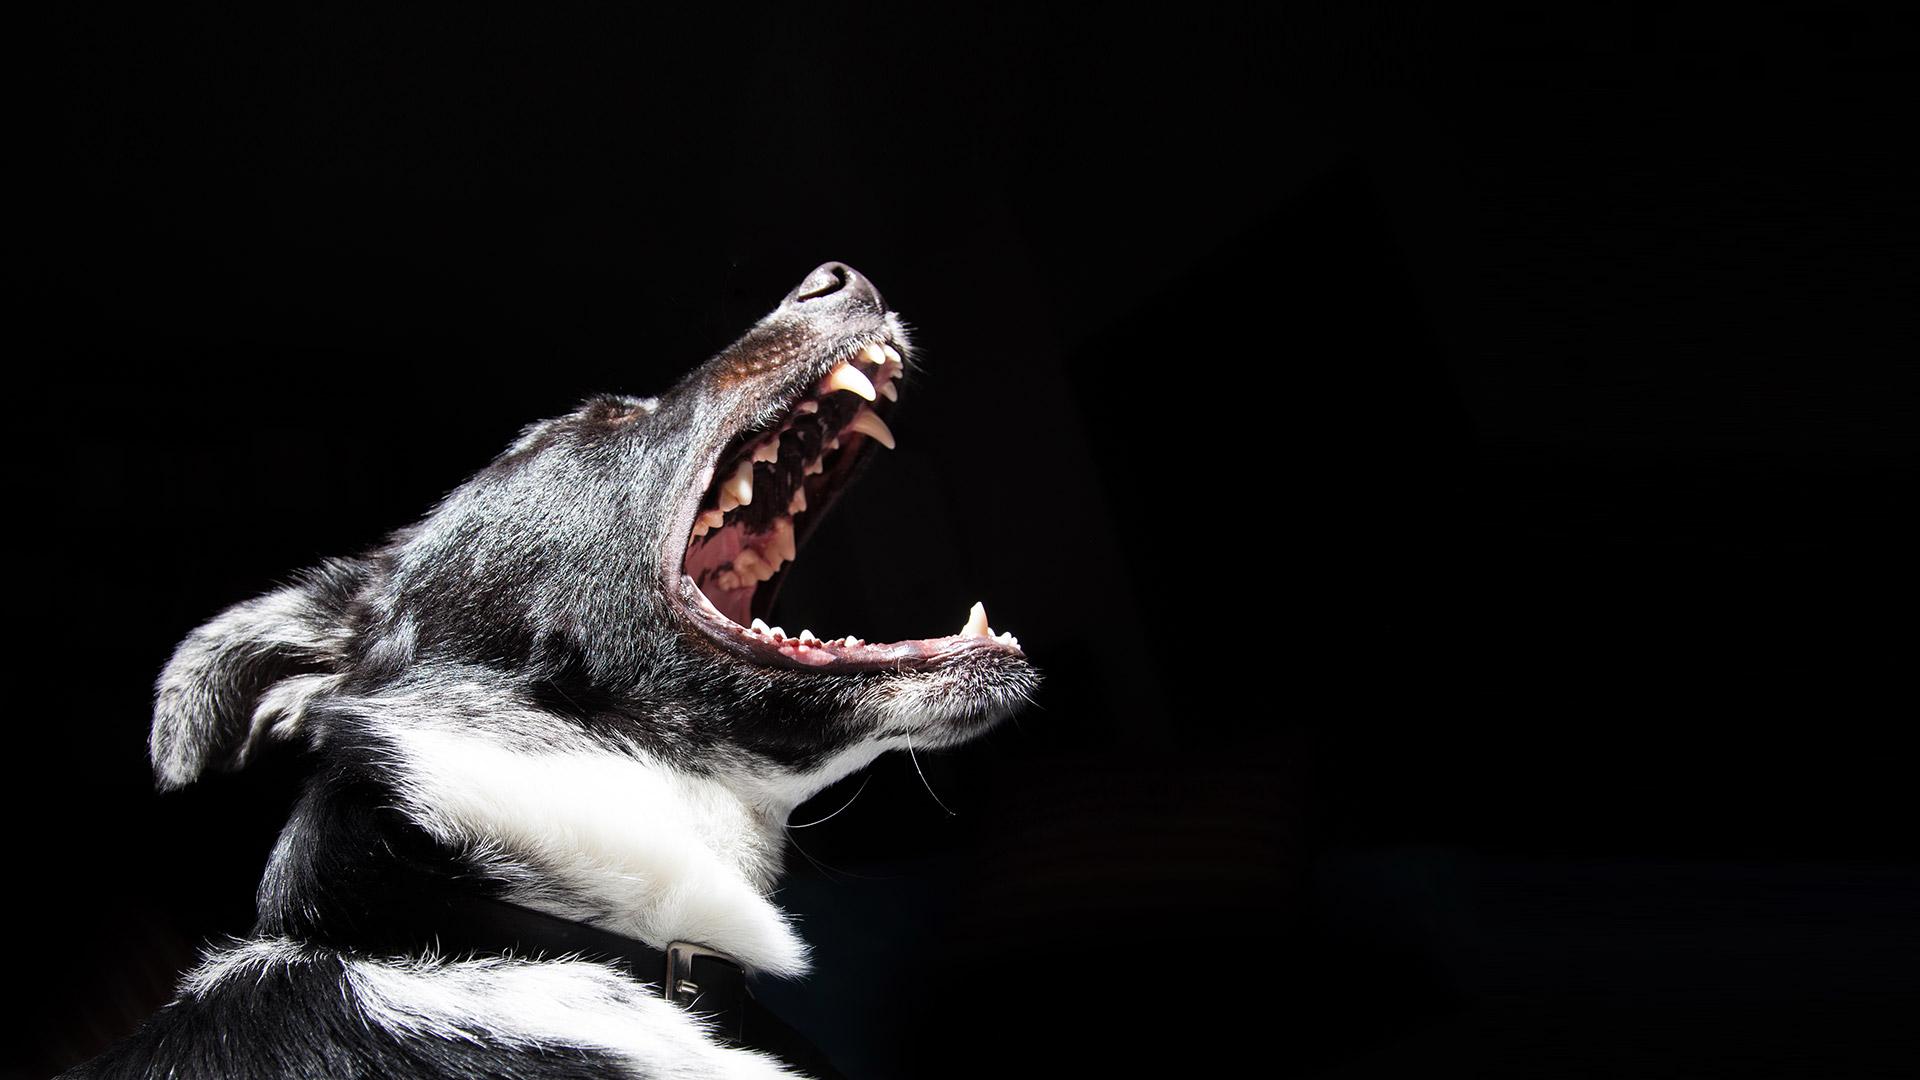 dogbg_dark1